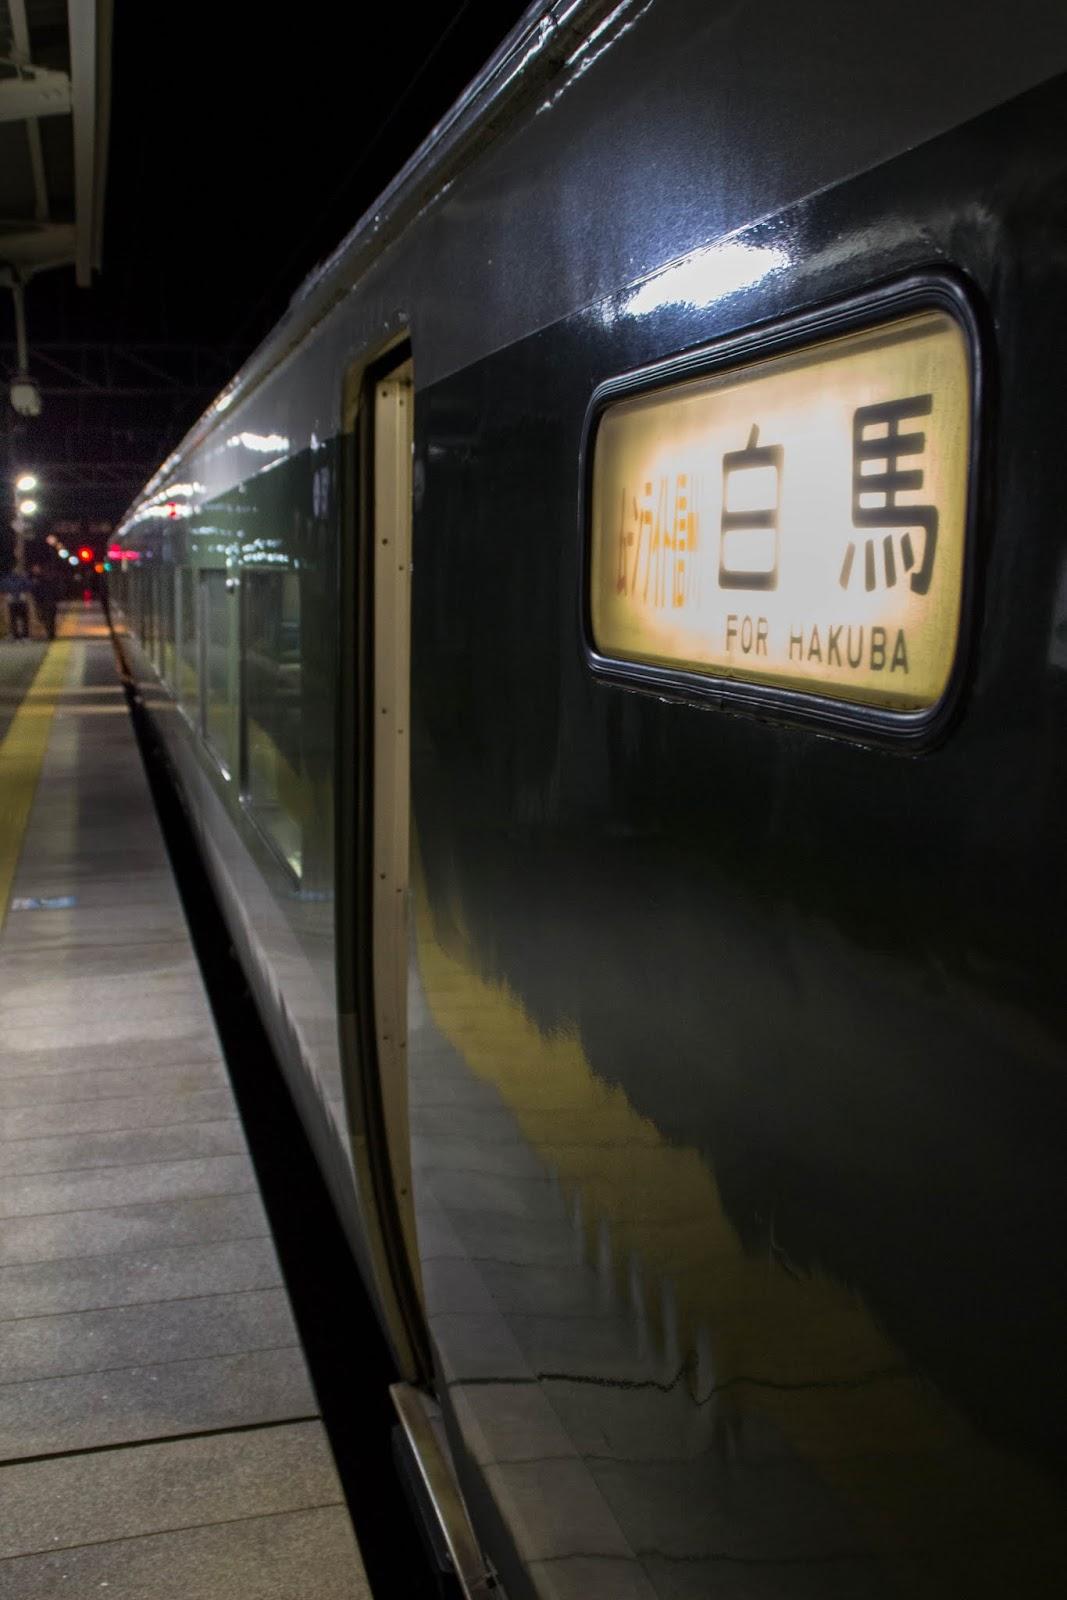 3:30 富士見駅